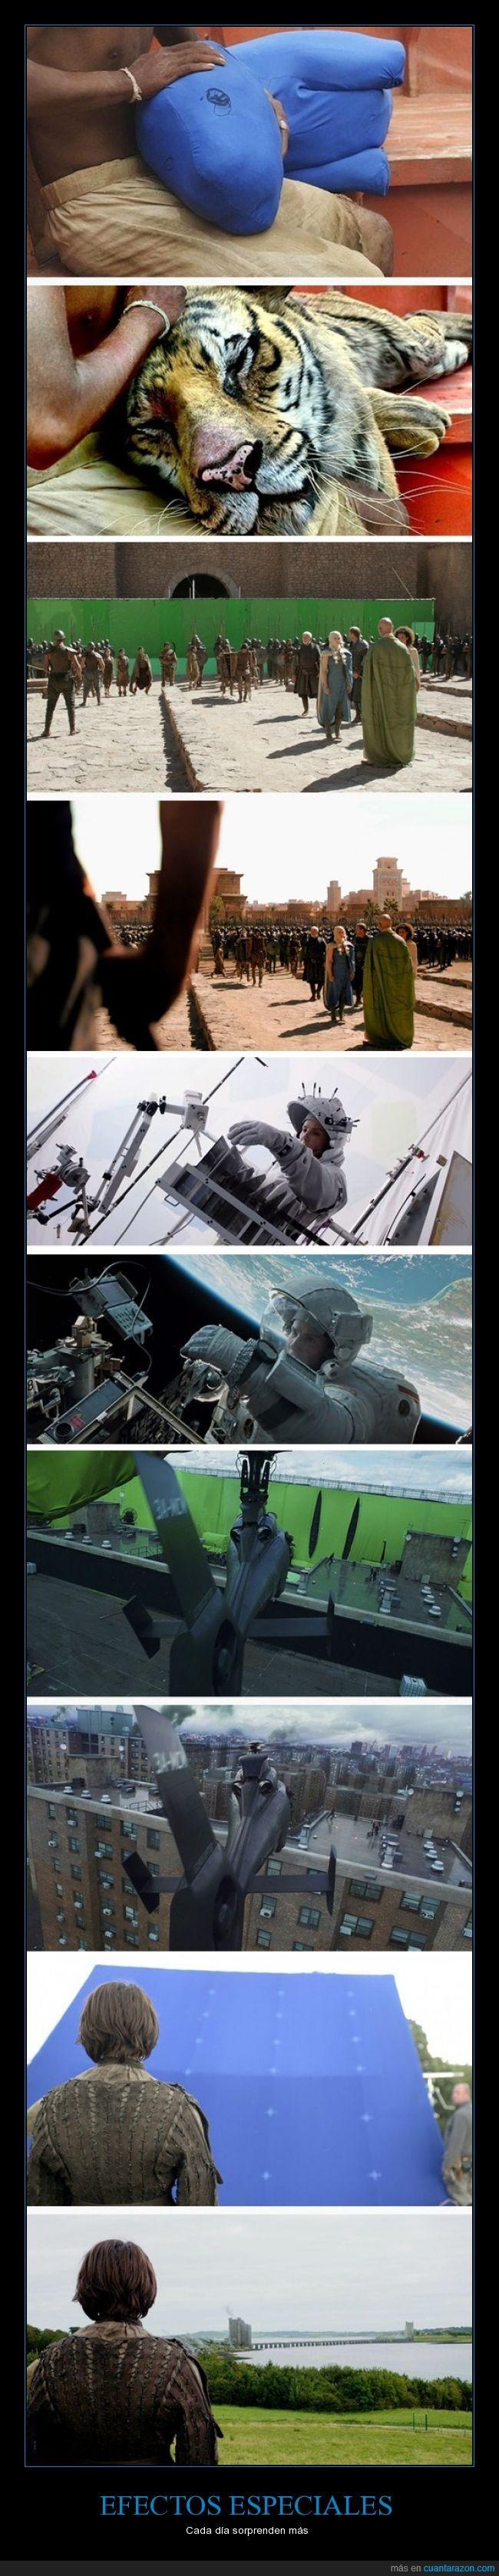 cine,efectos cinematográficos,efectos especiales,juego de tronos,la vida de pi,películas,visual